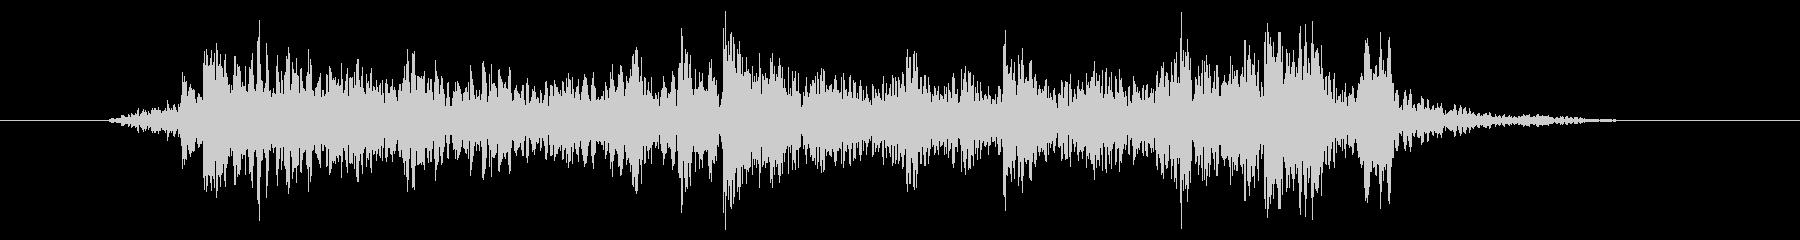 デジタルロック風ドラムフィルの未再生の波形